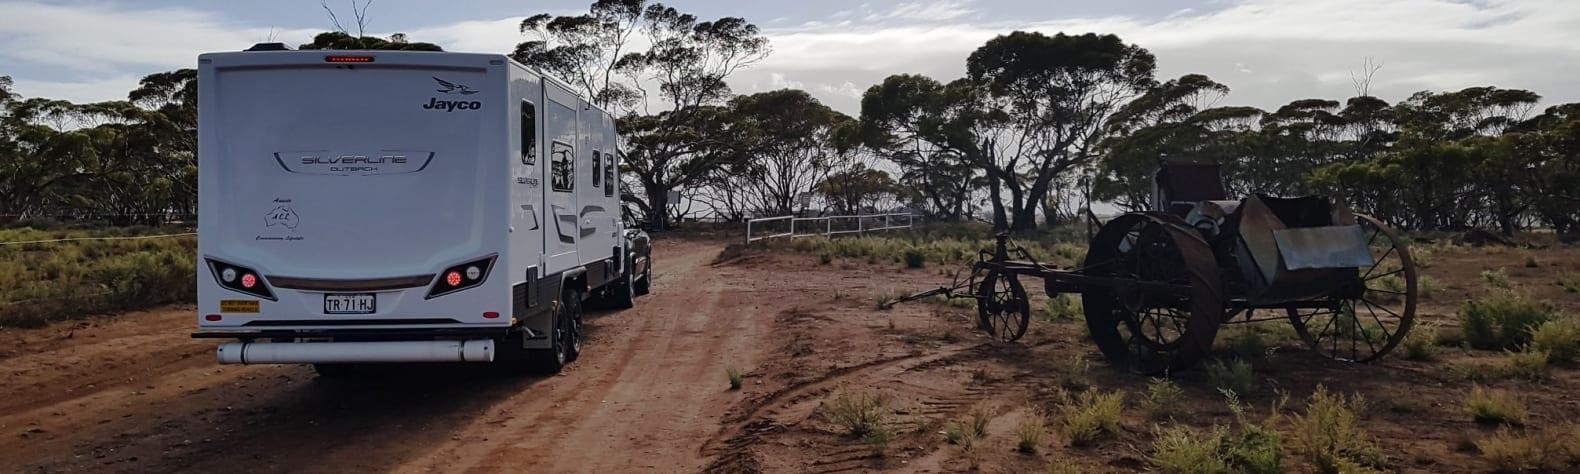 Baroota Camp Grounds